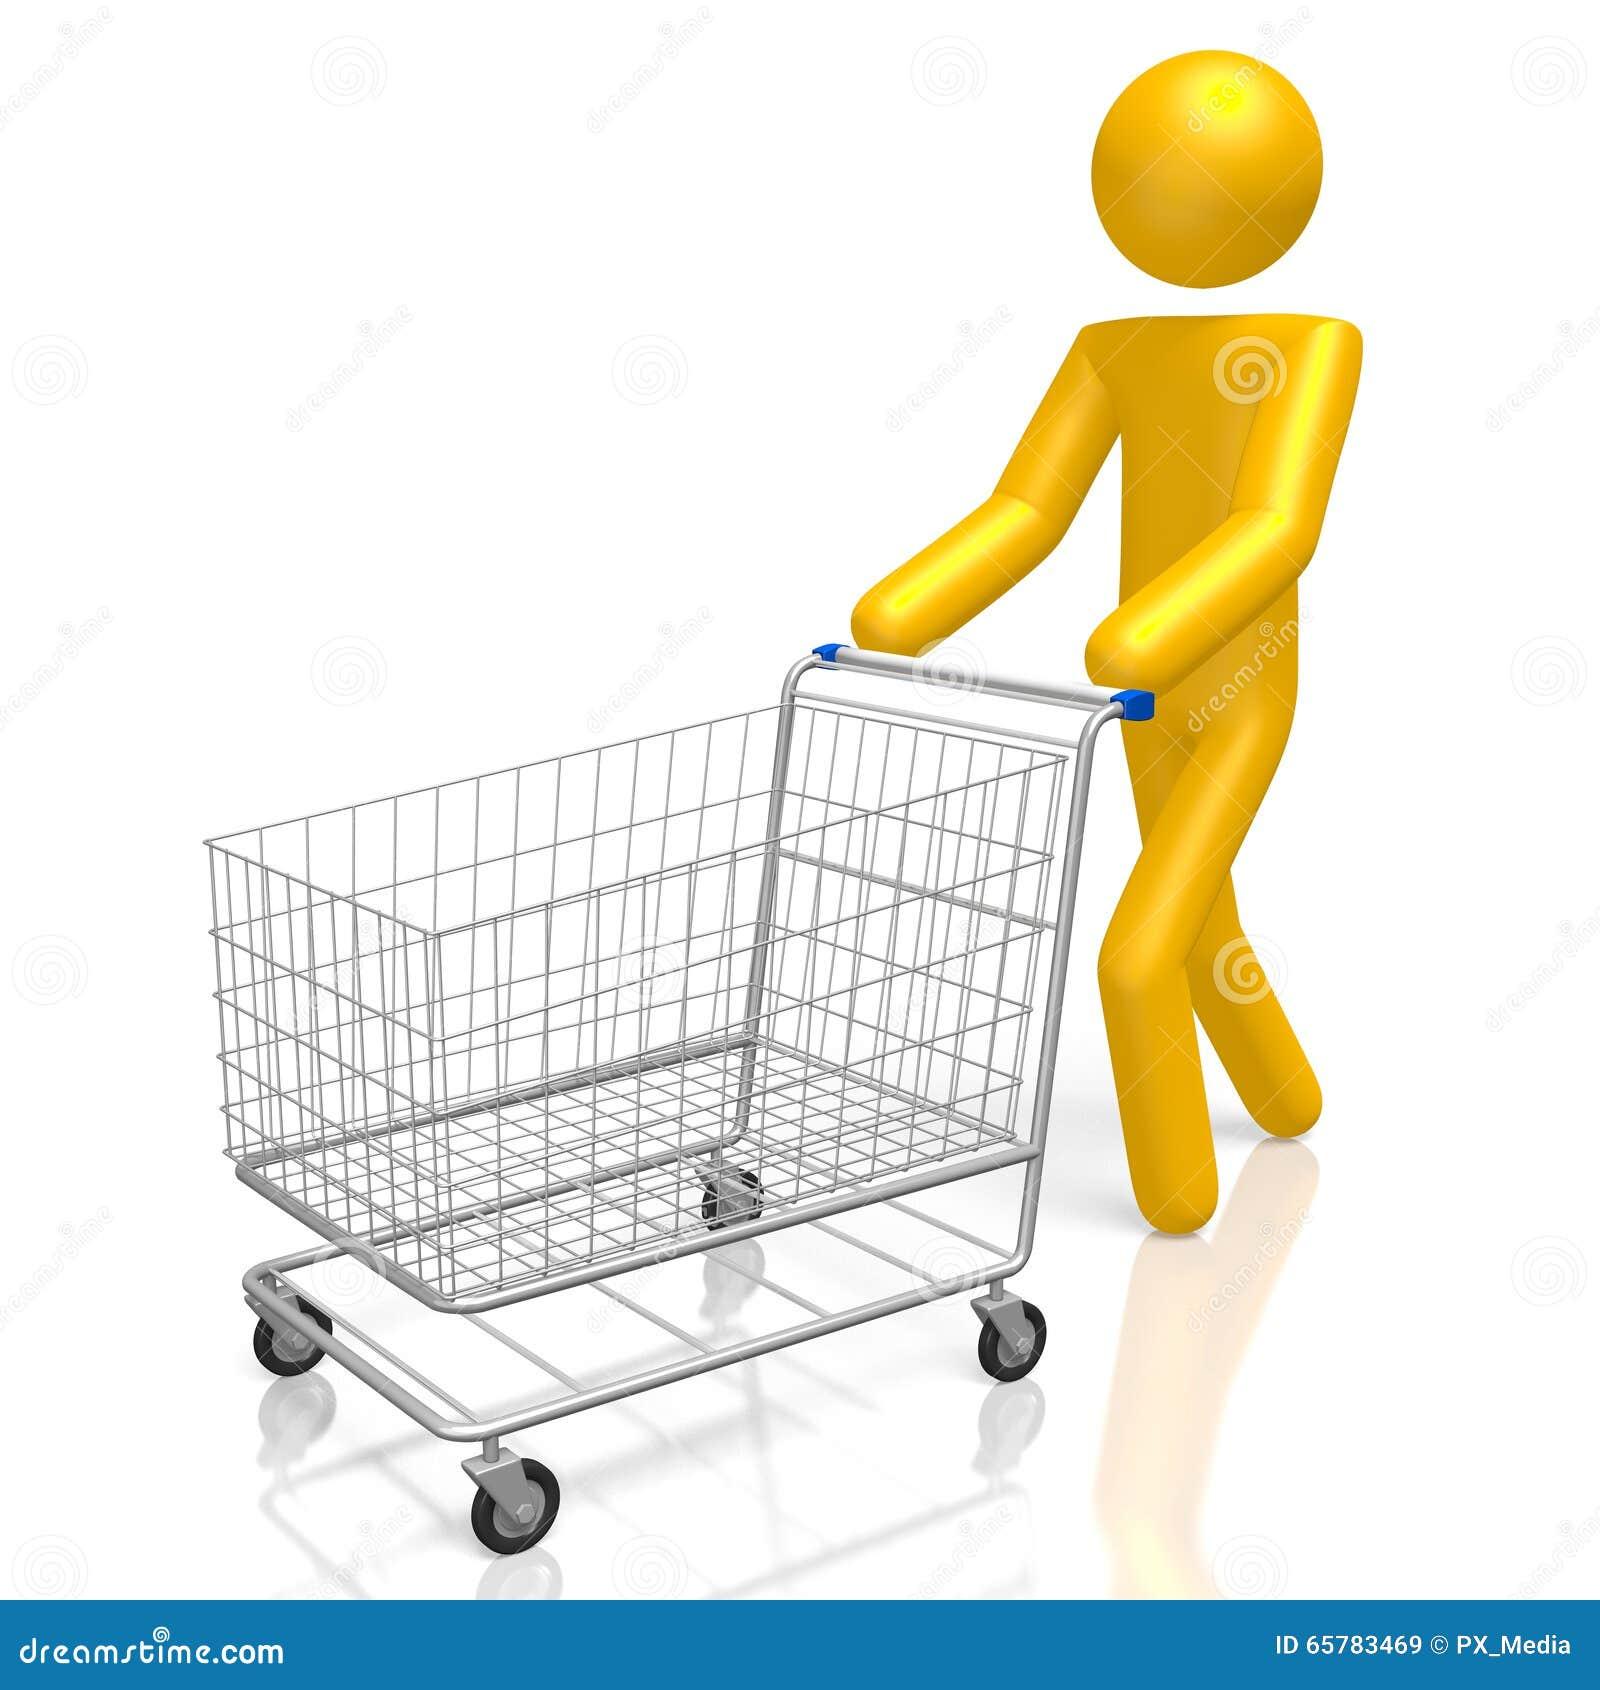 consumerism topics